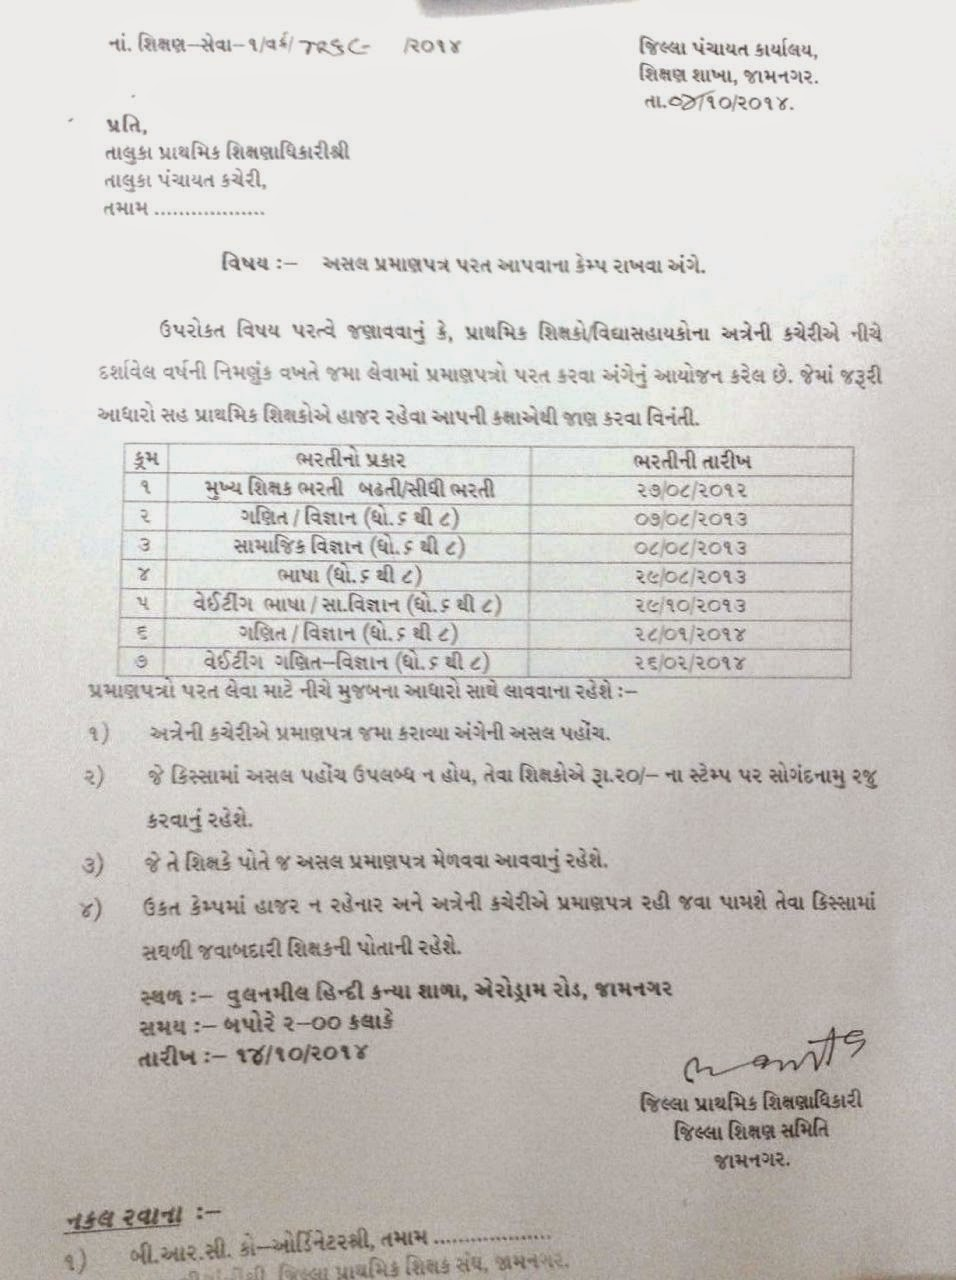 Jamnagar - original certificate Parat aapva camp  babat